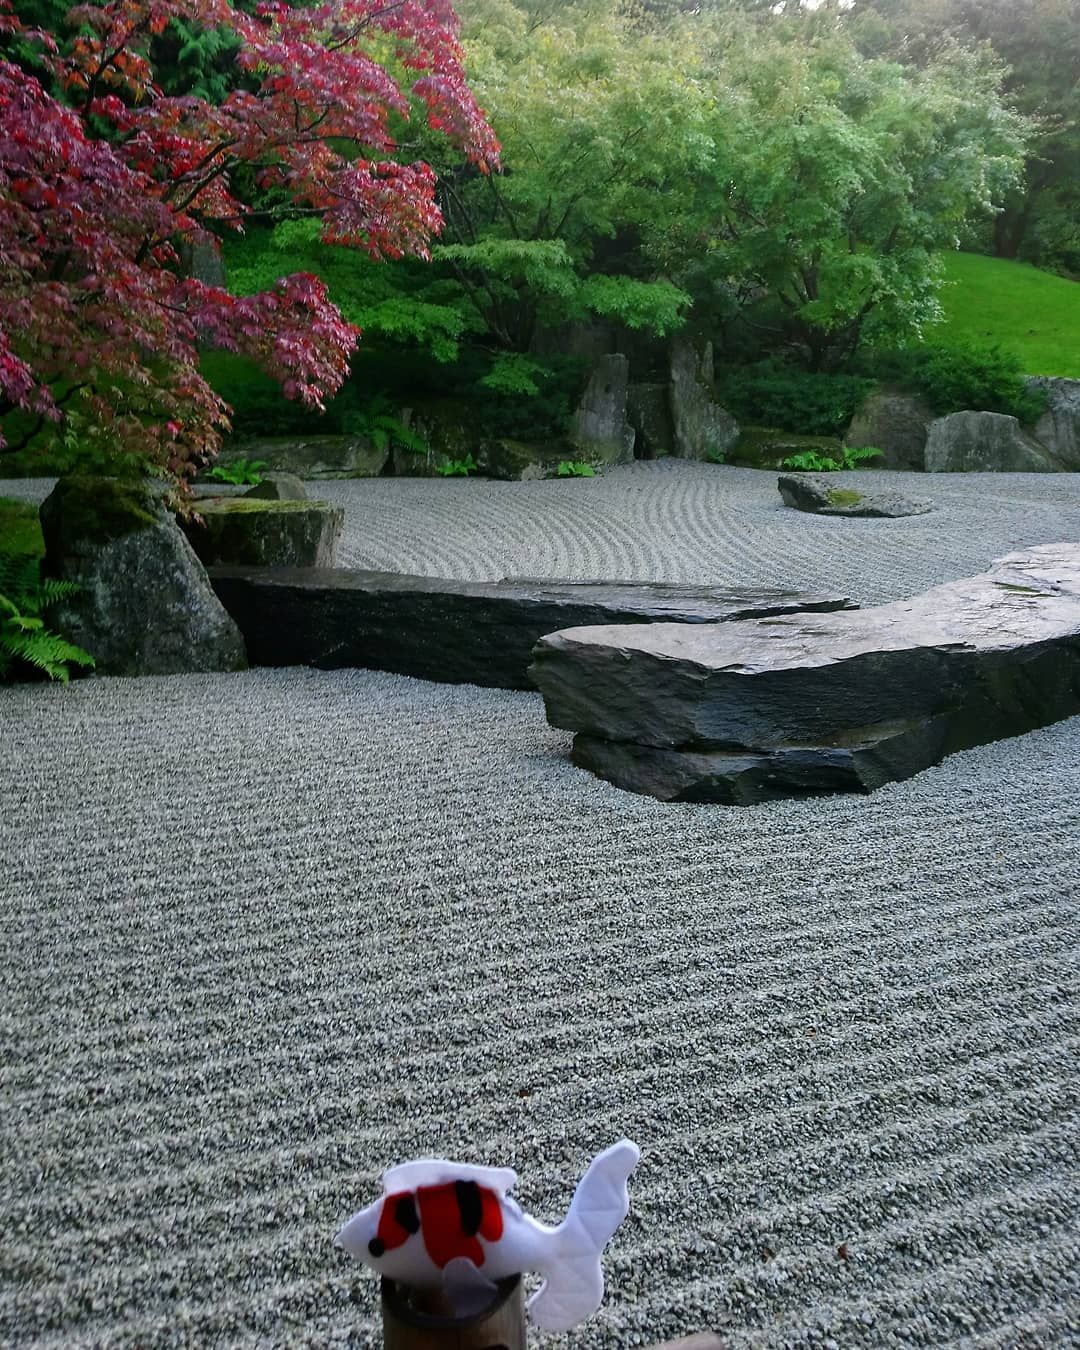 Kimini Im Steinmeier Japanischergarten Gartenderwelt Kimkoi Weltenbummler Berlin Zwischendenshows Japanischer Garten Garten Japan